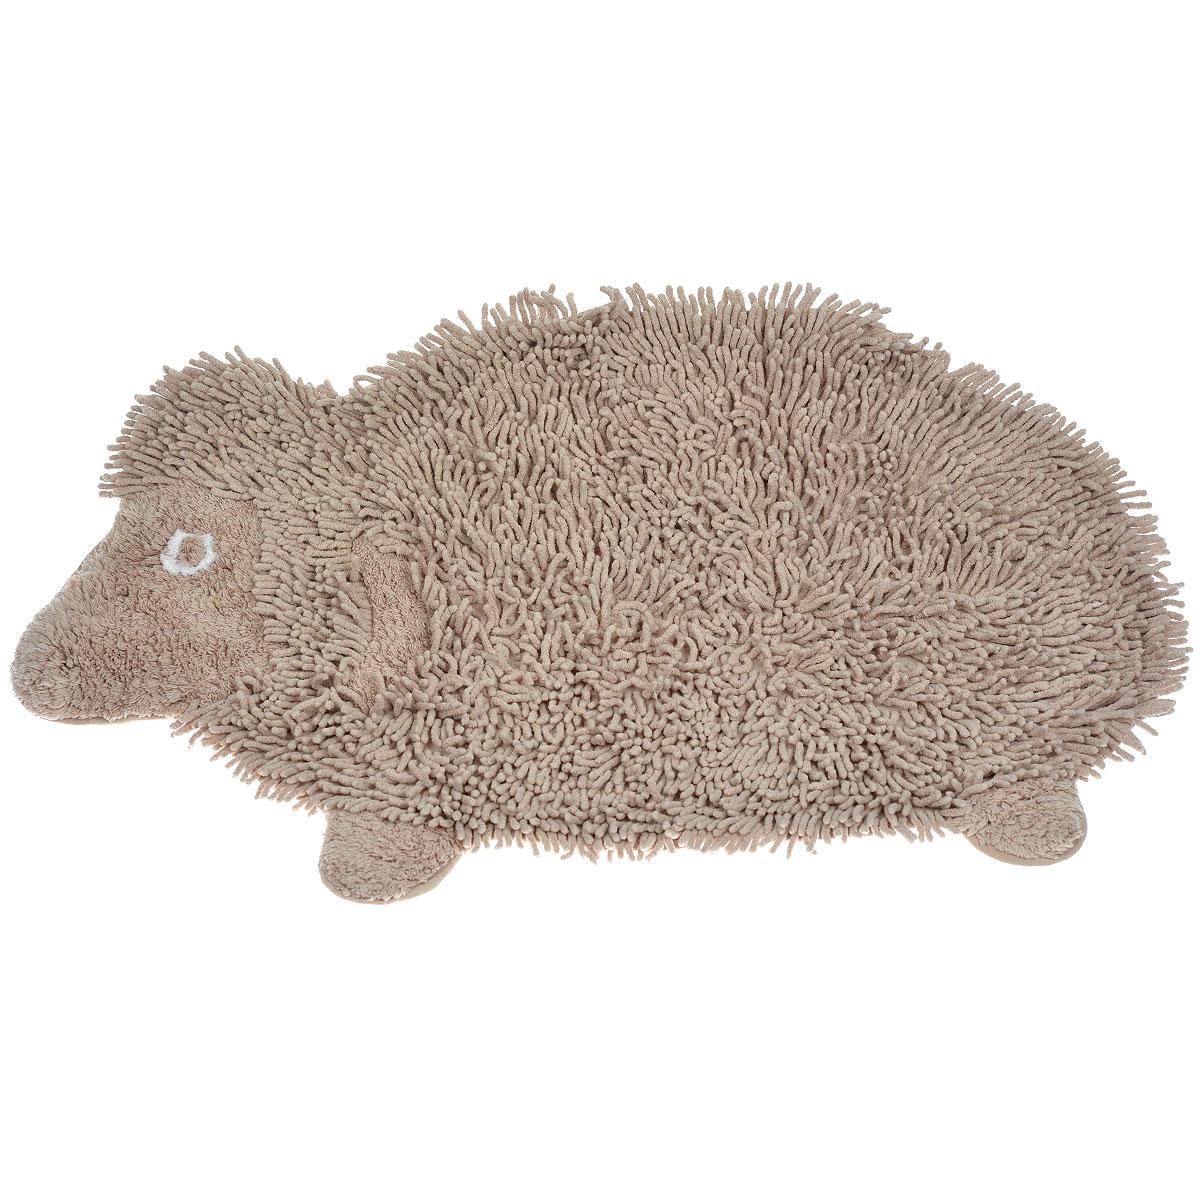 Коврик Arloni Овечка Долли, цвет: бежевый, 50 см х 80 см12723Коврик Arloni Овечка Долли изготовлен из экологически чистого материала - натурального хлопка. Выполнен в виде забавной овечки. Коврик мягкий и приятный на ощупь, имеет мягкий длинный ворс. Отличается высокой износоустойчивостью, хорошо впитывает влагу, не теряет своих свойств после многократных стирок. Коврик Arloni гармонично впишется в интерьер вашего дома и создаст атмосферу уюта и комфорта. Идеальный вариант для ванной или детской комнаты. Изделие отличается высоким качеством пошива и стильным дизайном, а материал прекрасно переносит большое количество стирок. Легко стирается в стиральной машине или вручную.